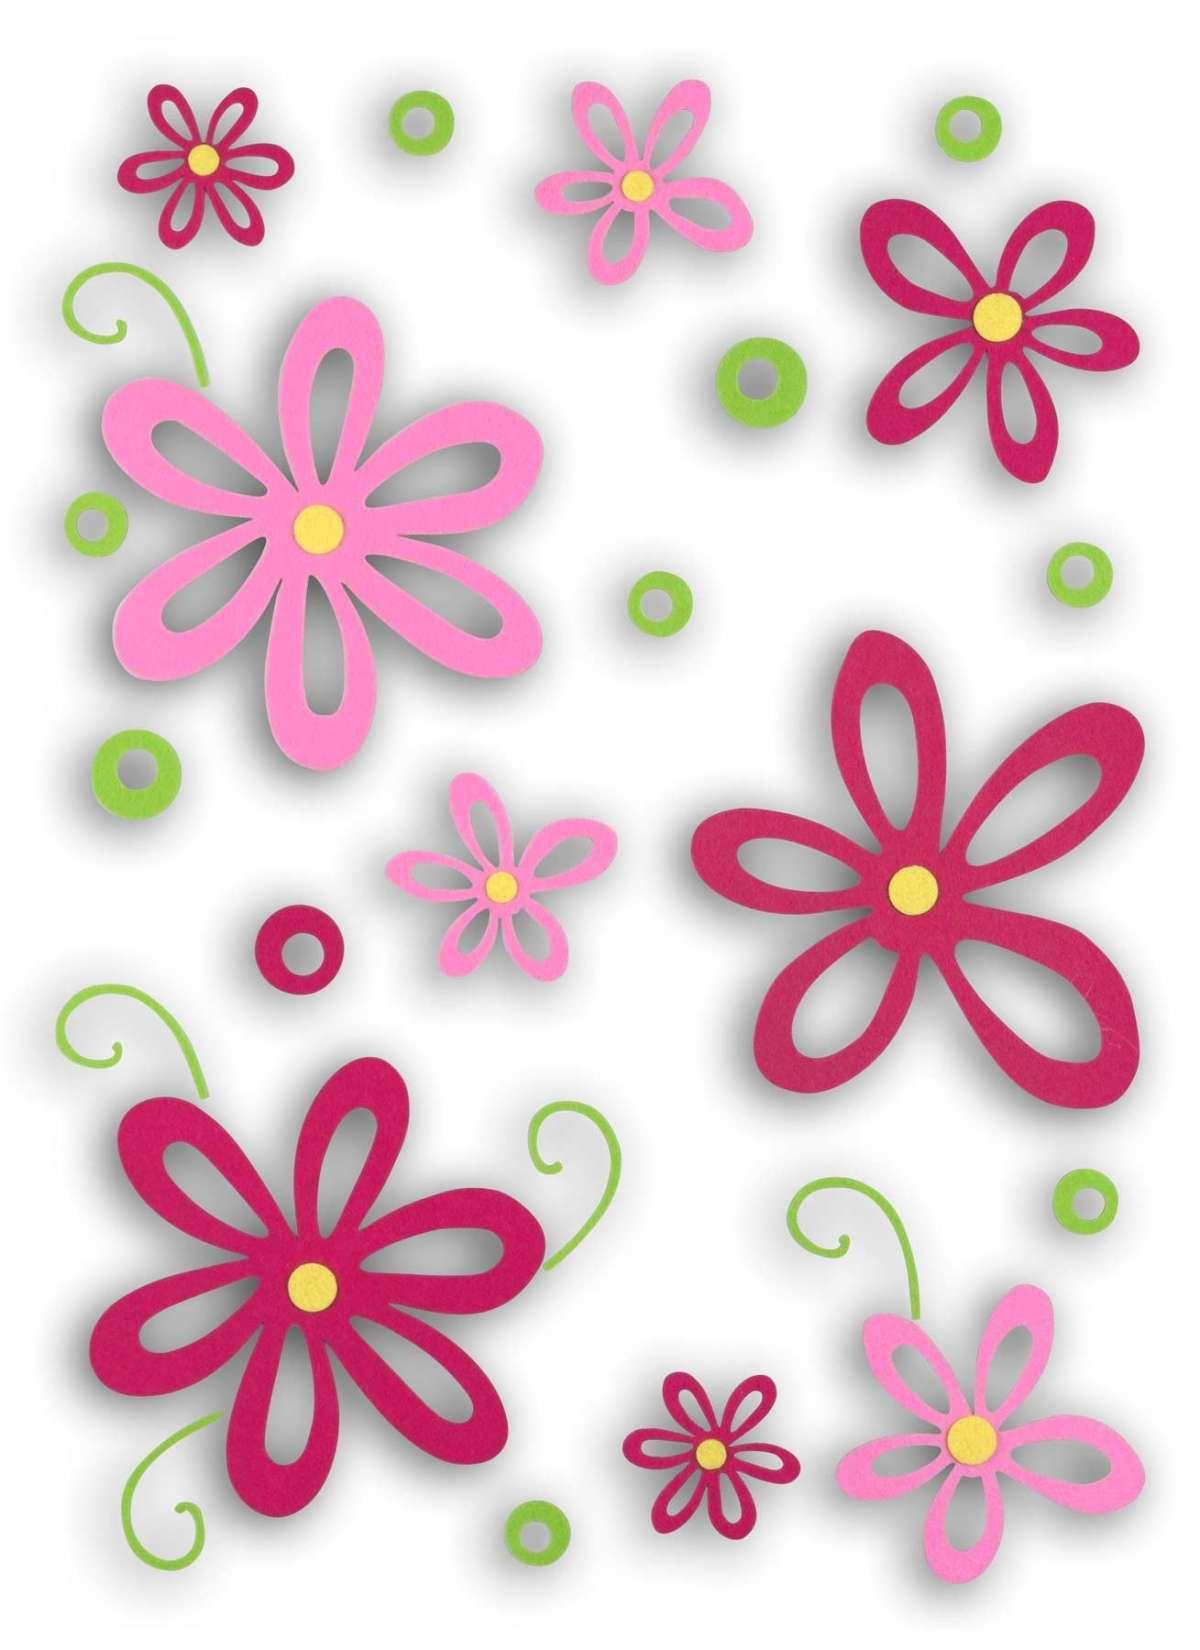 Adesivo murale con i fiori